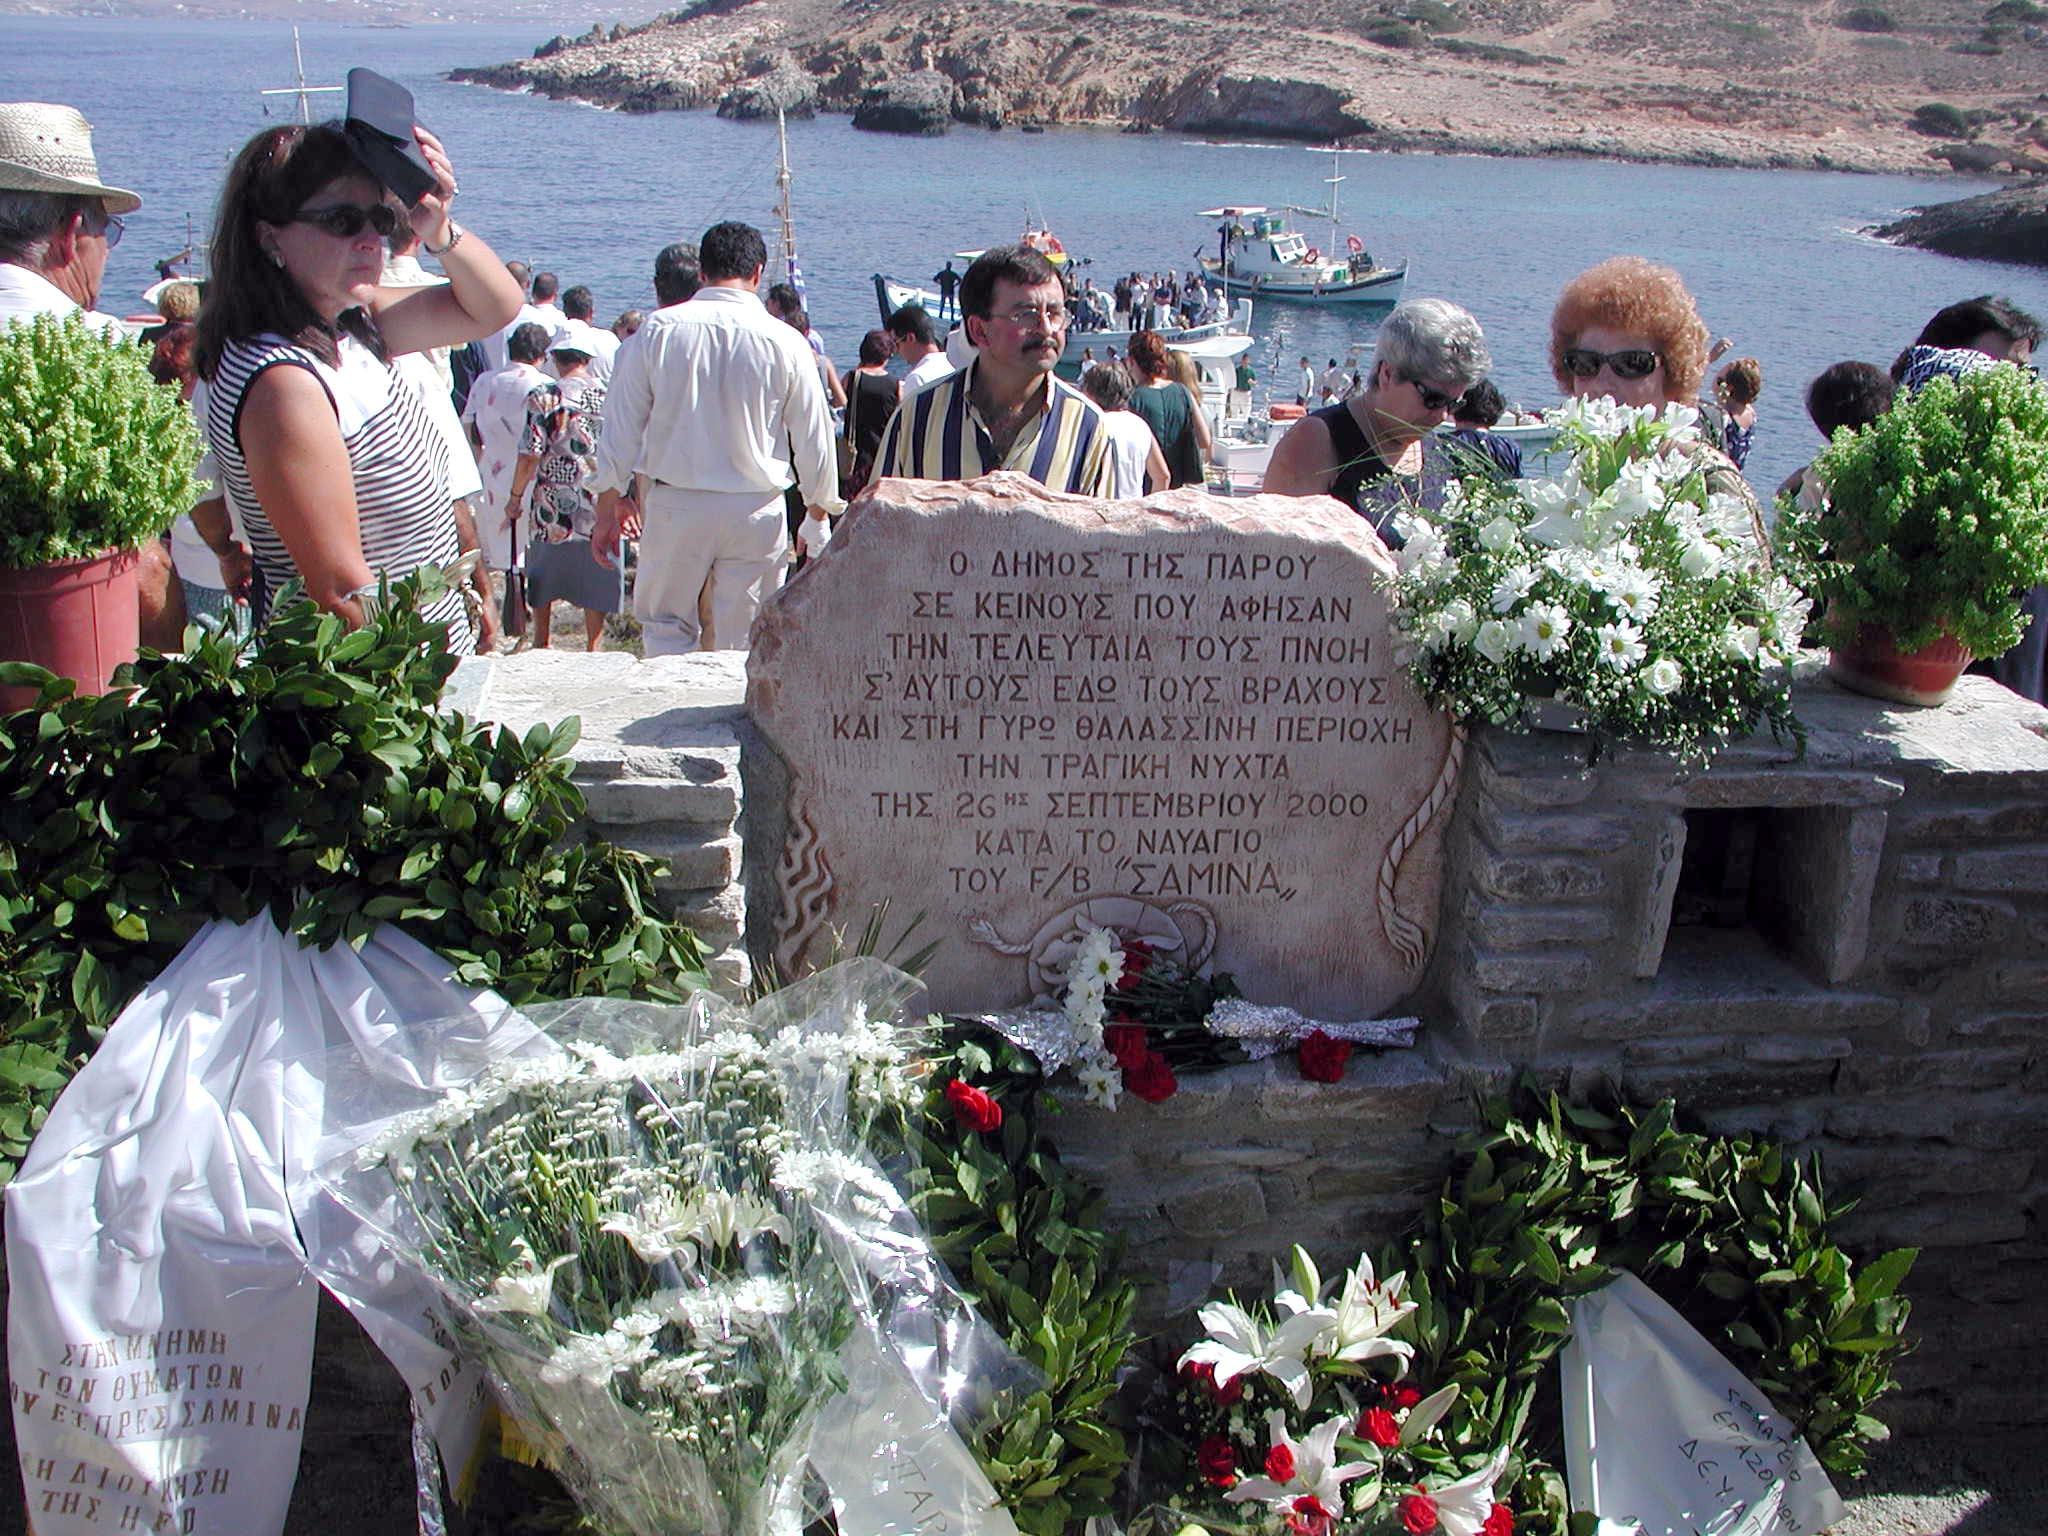 Το πολύνεκρο ναυάγιο του «Εξπρές Σάμινα» στην Πάρο. Οι καταγγελίες, οι ευθύνες, το πόρισμα. Ποιες ήταν οι ποινές – ποιοι αποφυλακίστηκαν